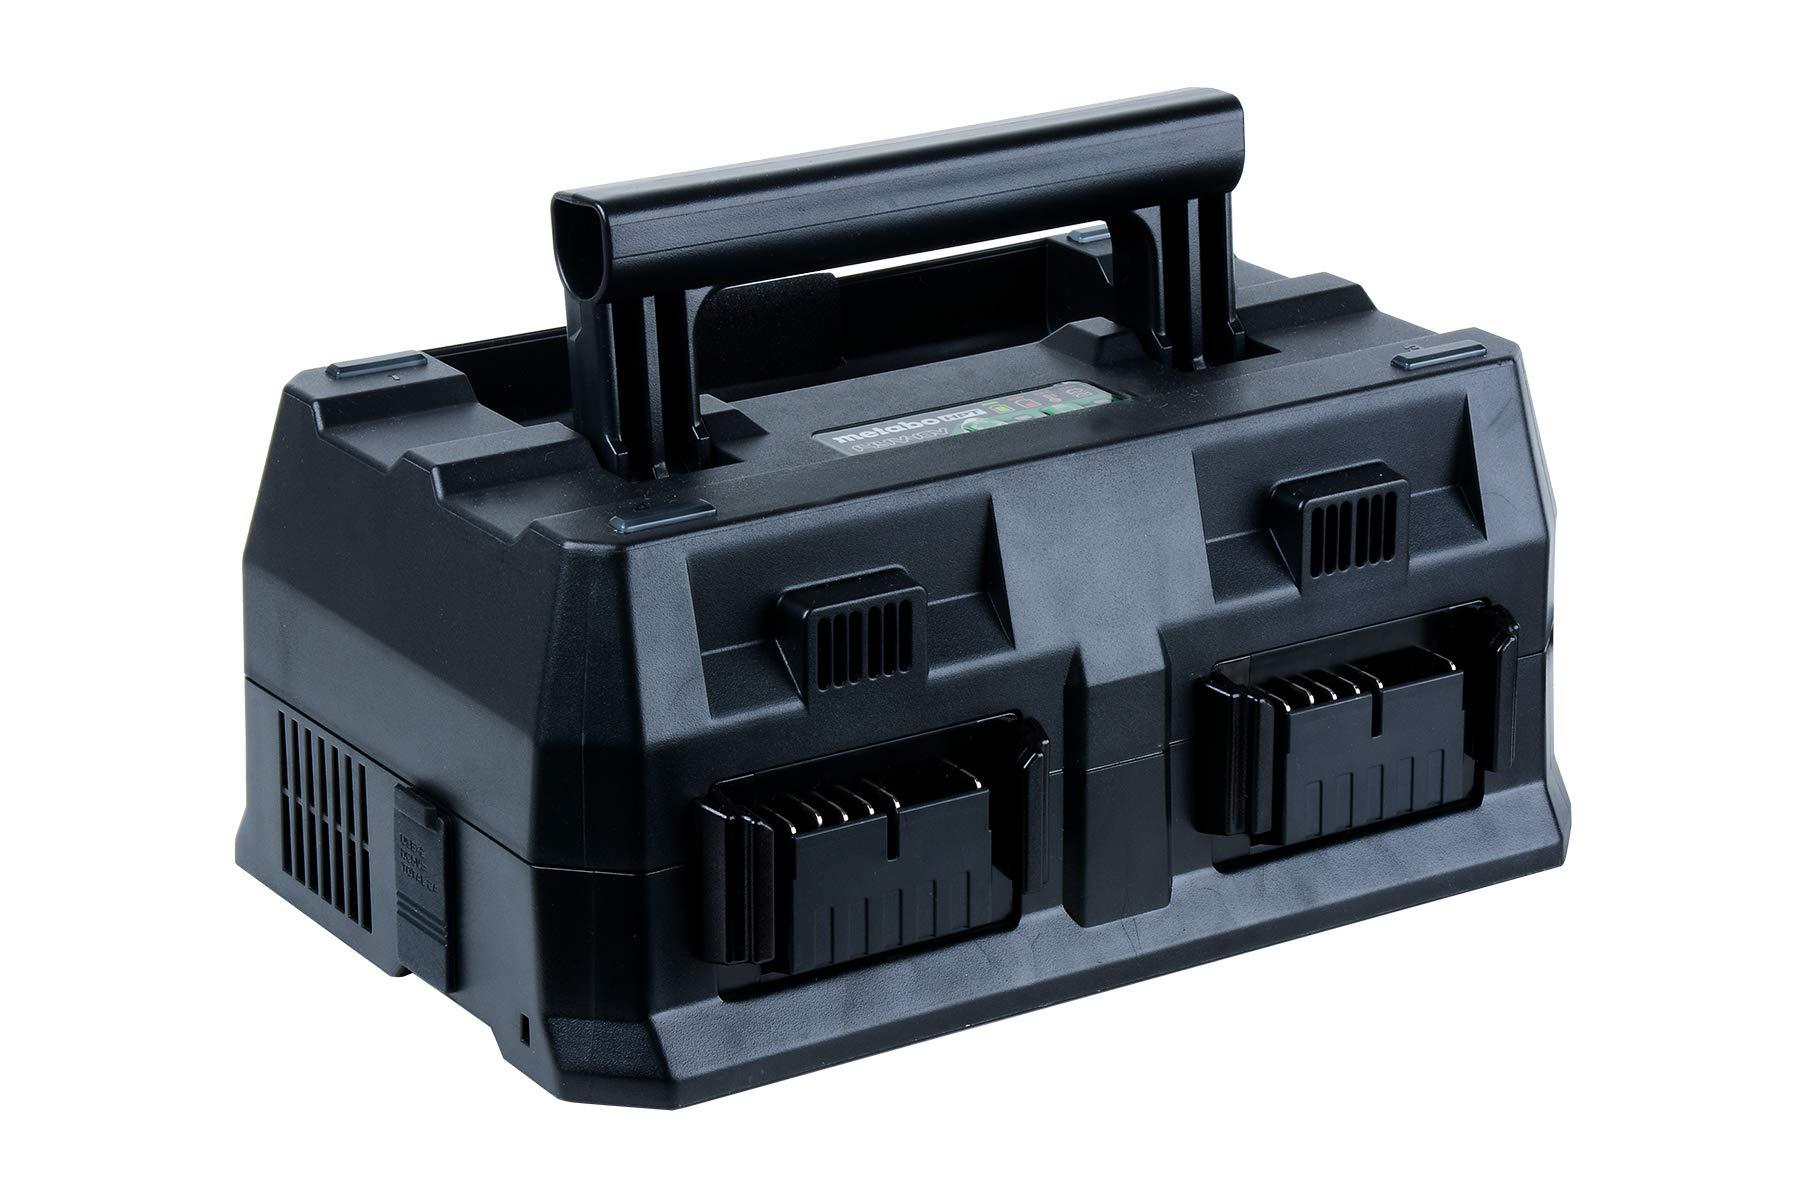 Metabo HPT 4-Port Battery Charger, 36V/18V, Slide-Style Batteries, Rapid Charging Time, Selectable Charging Modes, 2 USB Ports, 2 AC Outlets (UC18YTSL)